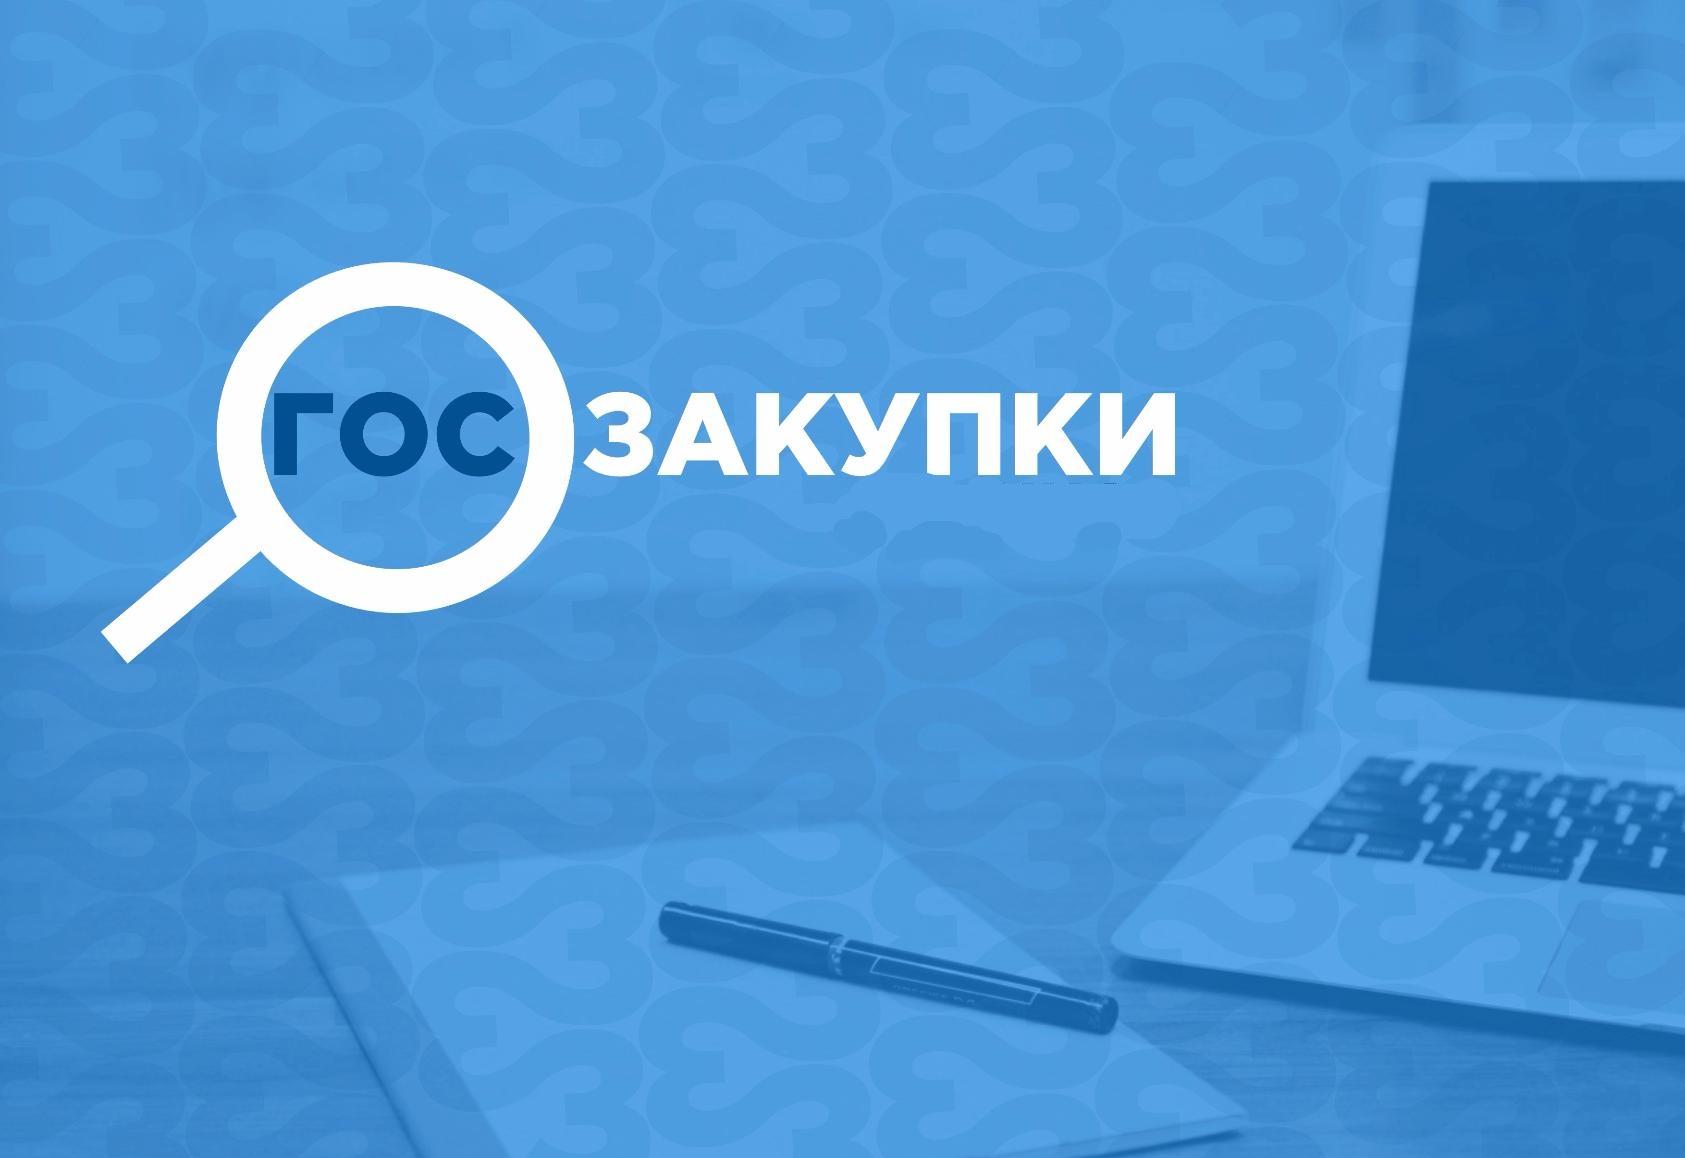 Федеральный закон РФ №223-ФЗ о госзакупках